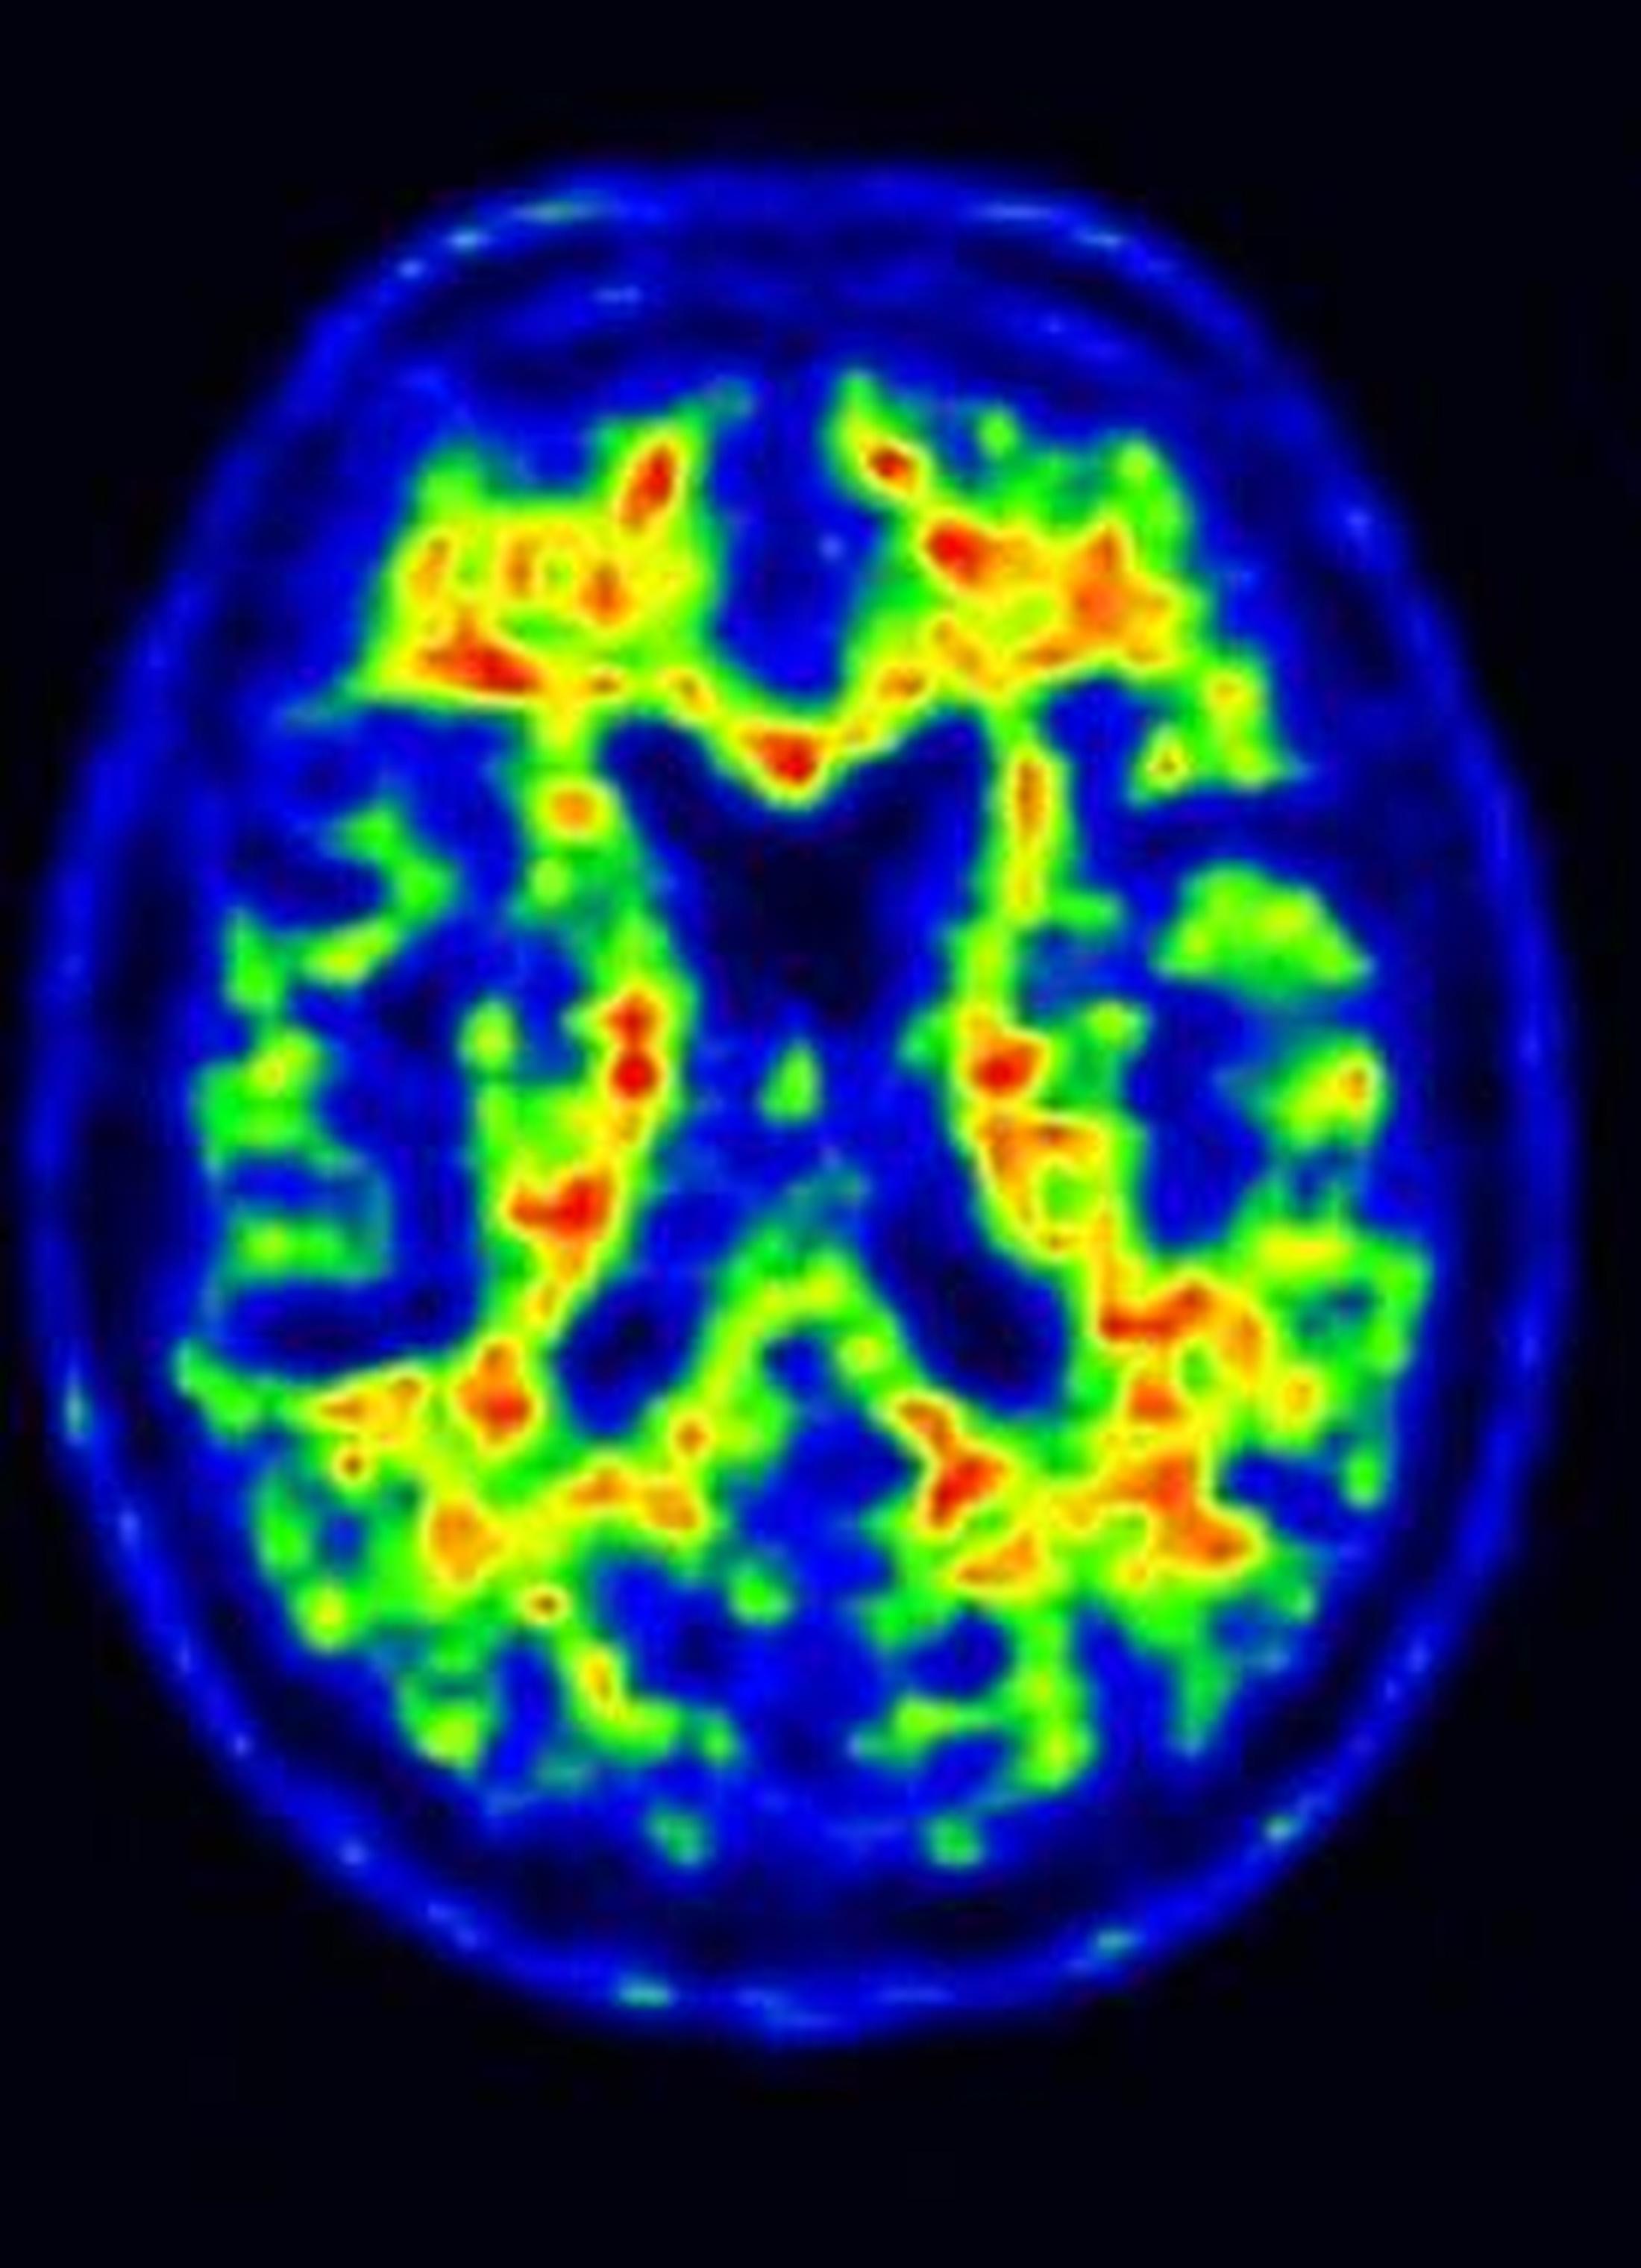 Aivojen amyloidi-PET-kuva. Tutkittavalla ei ole merkkiainekertymää aivojen kuorikerroksella. Normaali löydös. (Kuva Juha Rinne, TYKS ja TY)